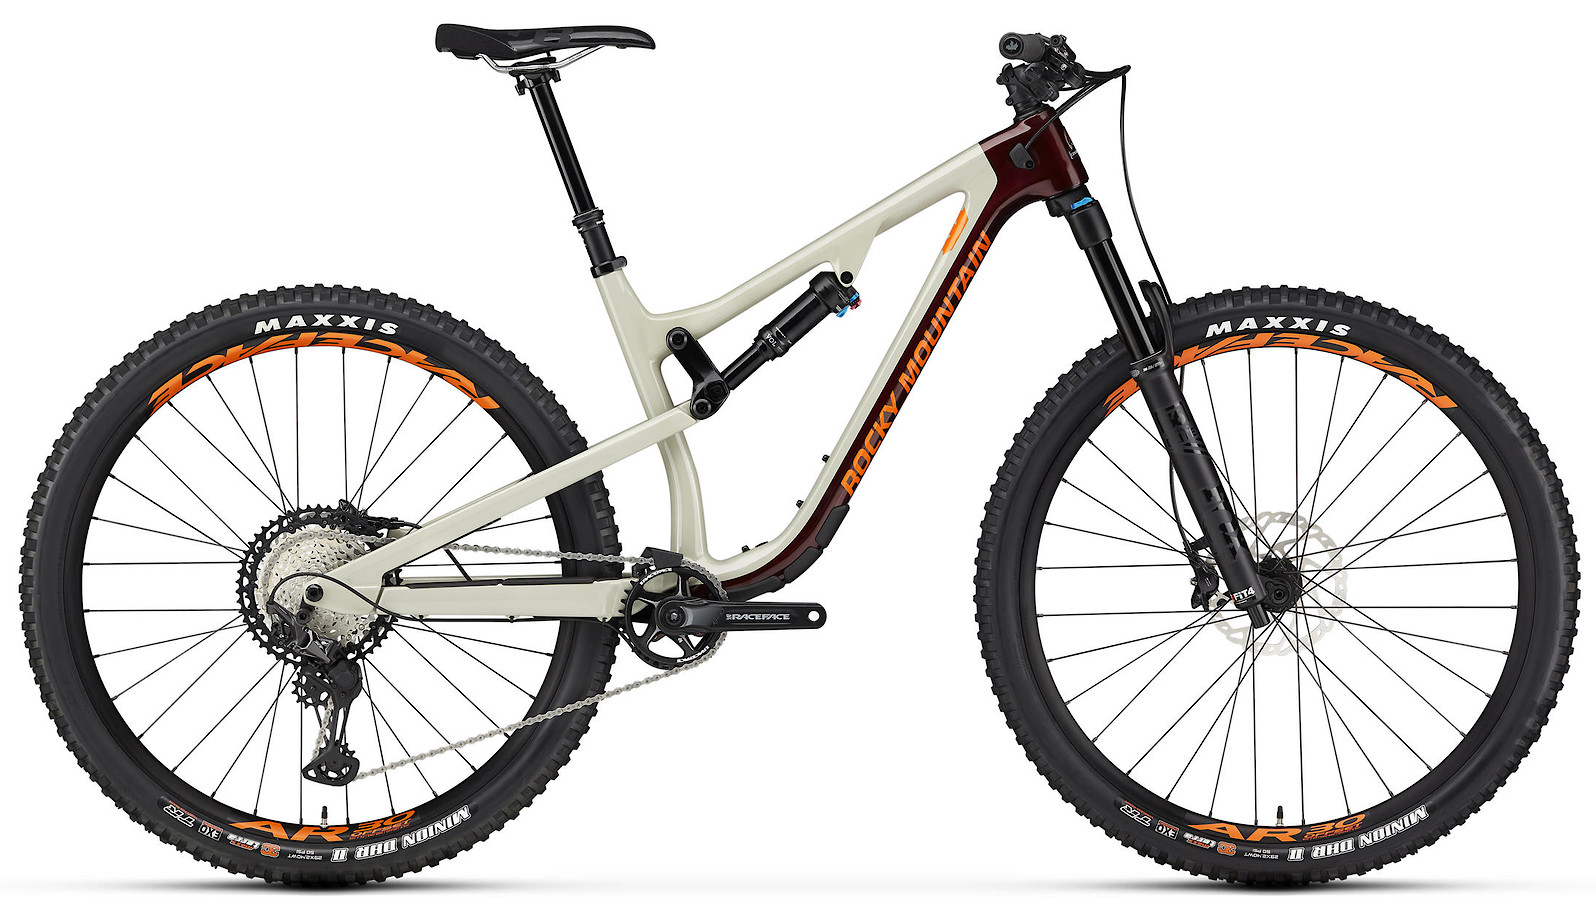 2020 Rocky Mountain Instinct Carbon 70 Beige Dark Red and Orange